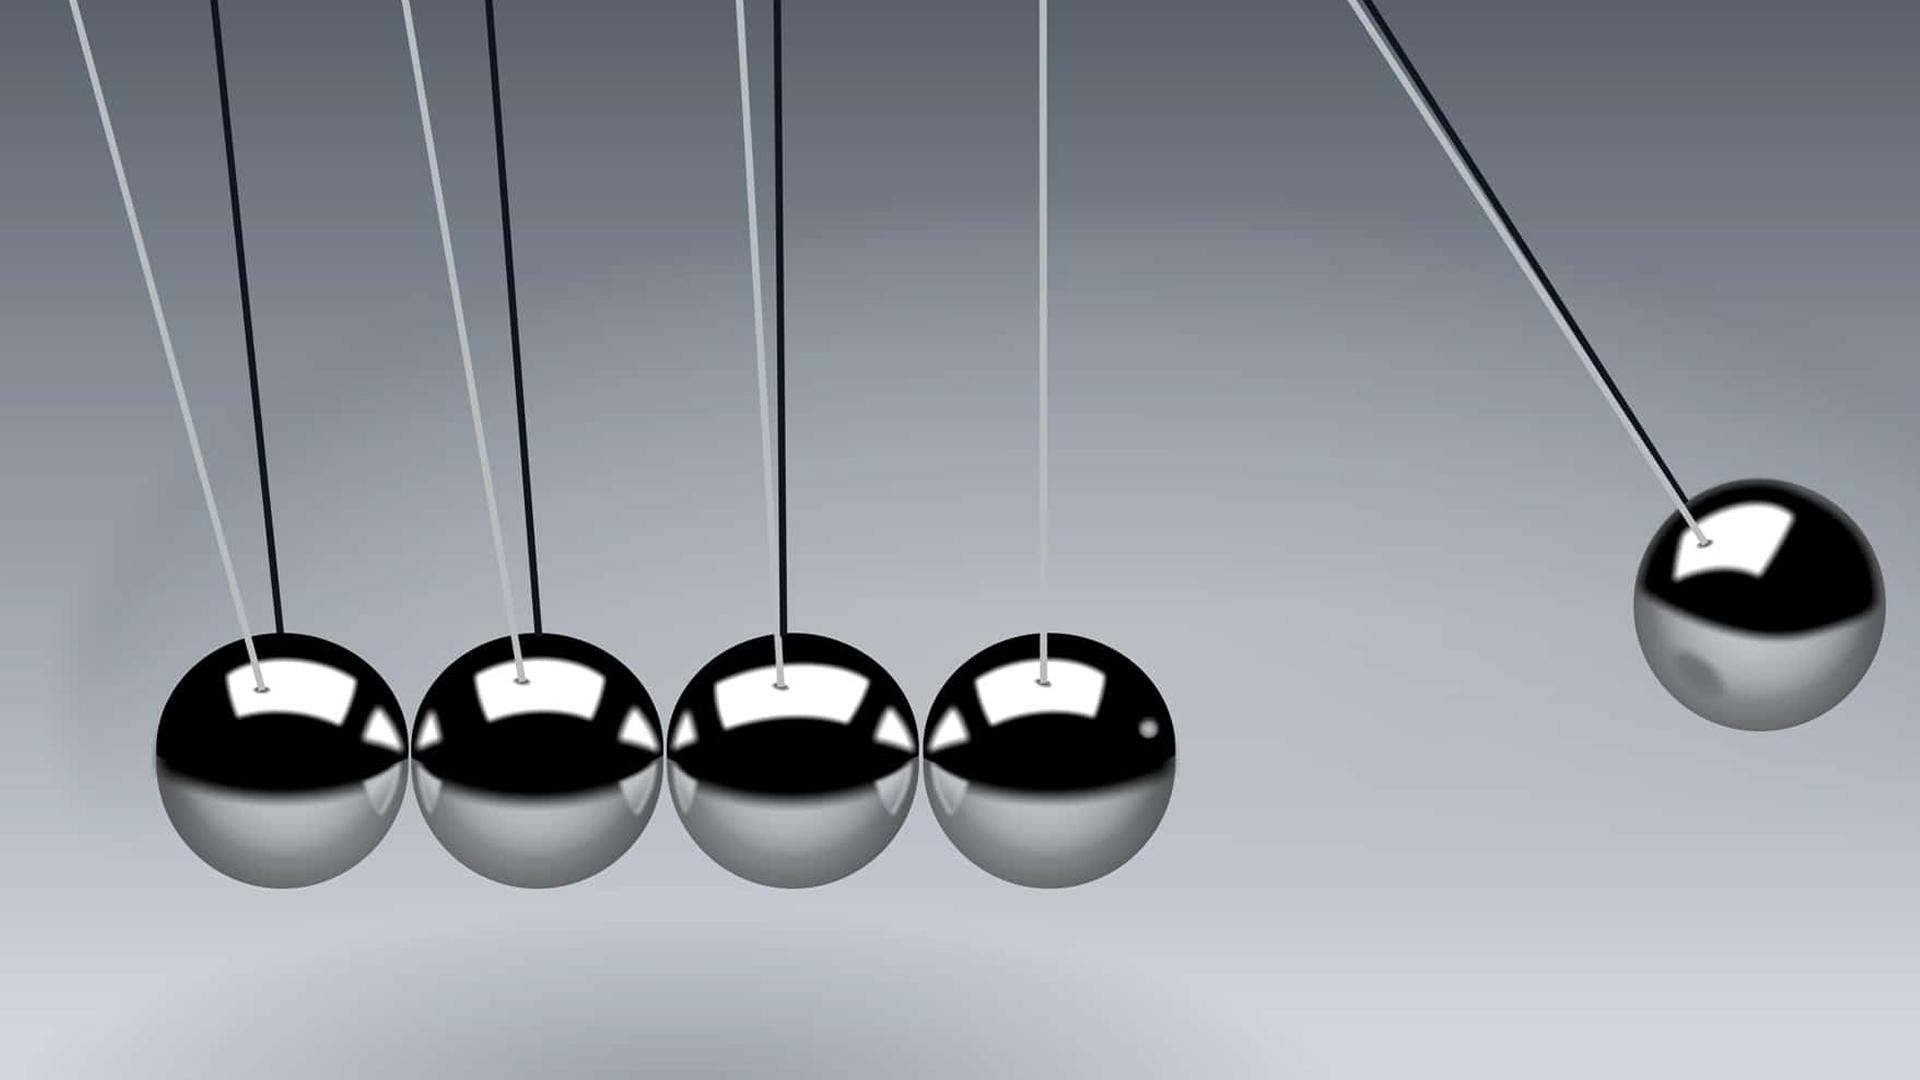 La física y la política, por Julio Castillo Sagarzazu